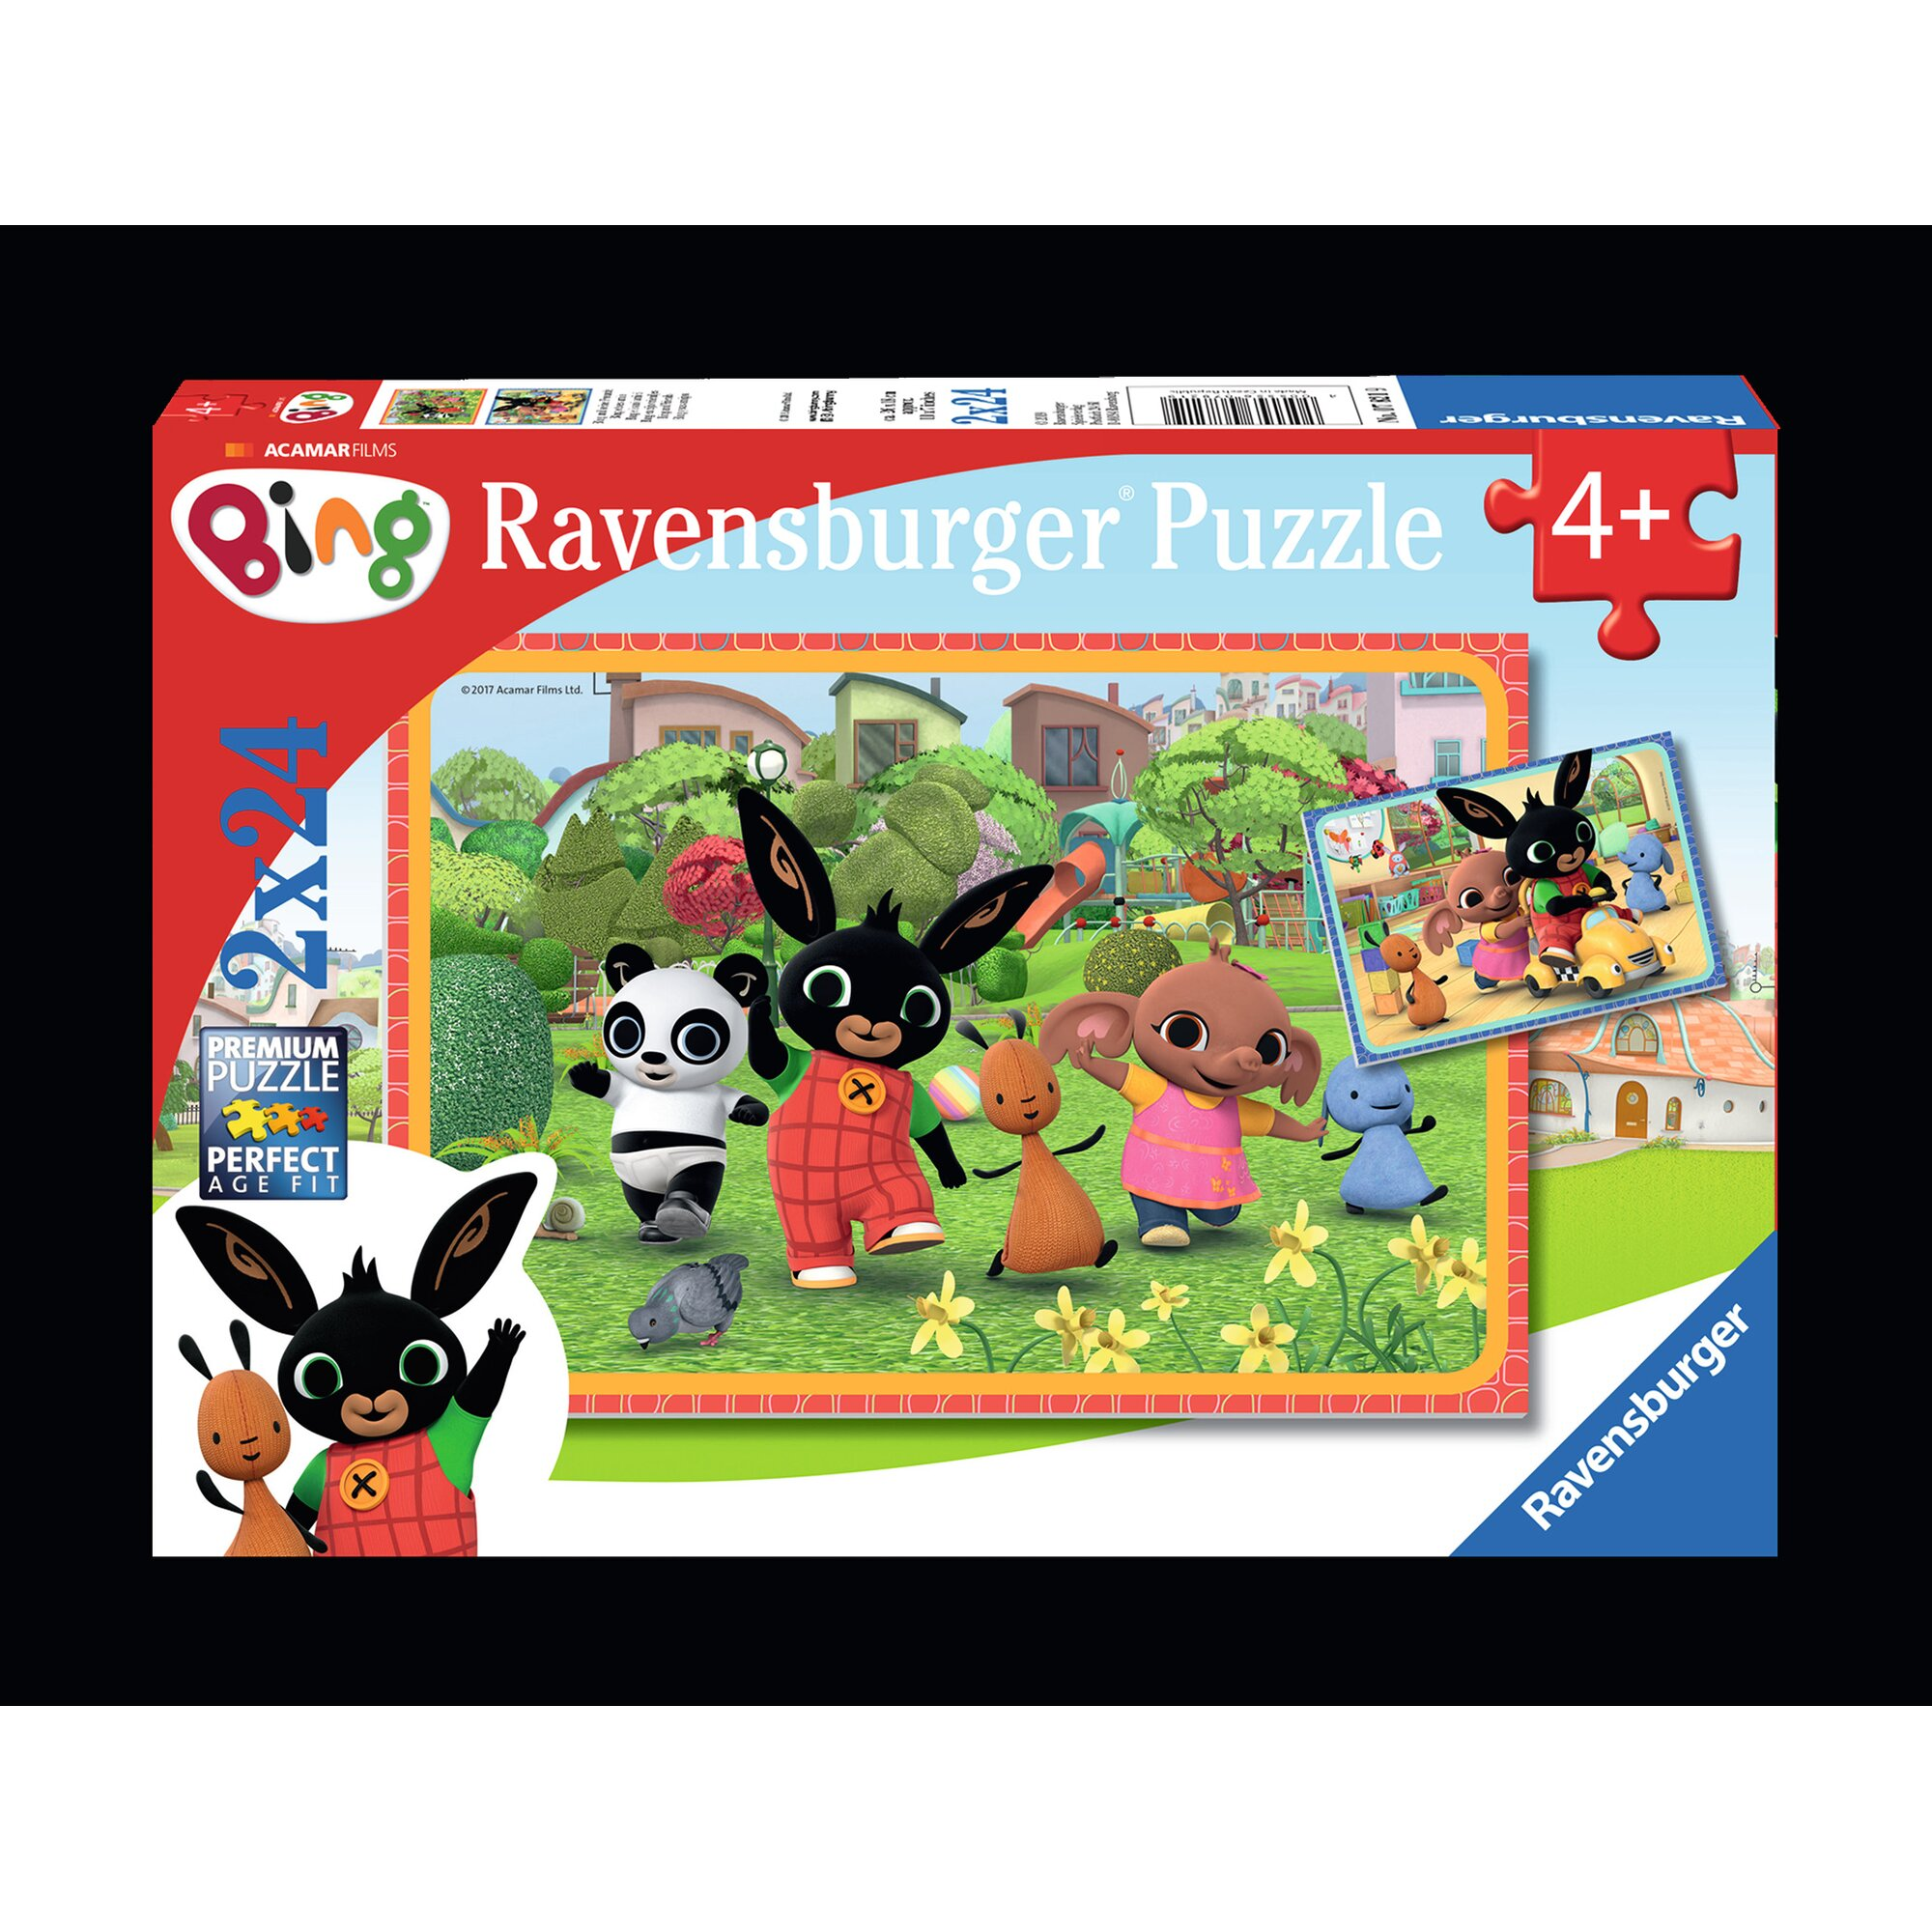 ravensburger-zwei-kinderpuzzles-inkl-mini-postern-24-teile-bing-und-seine-freunde, 9.99 EUR @ babywalz-de